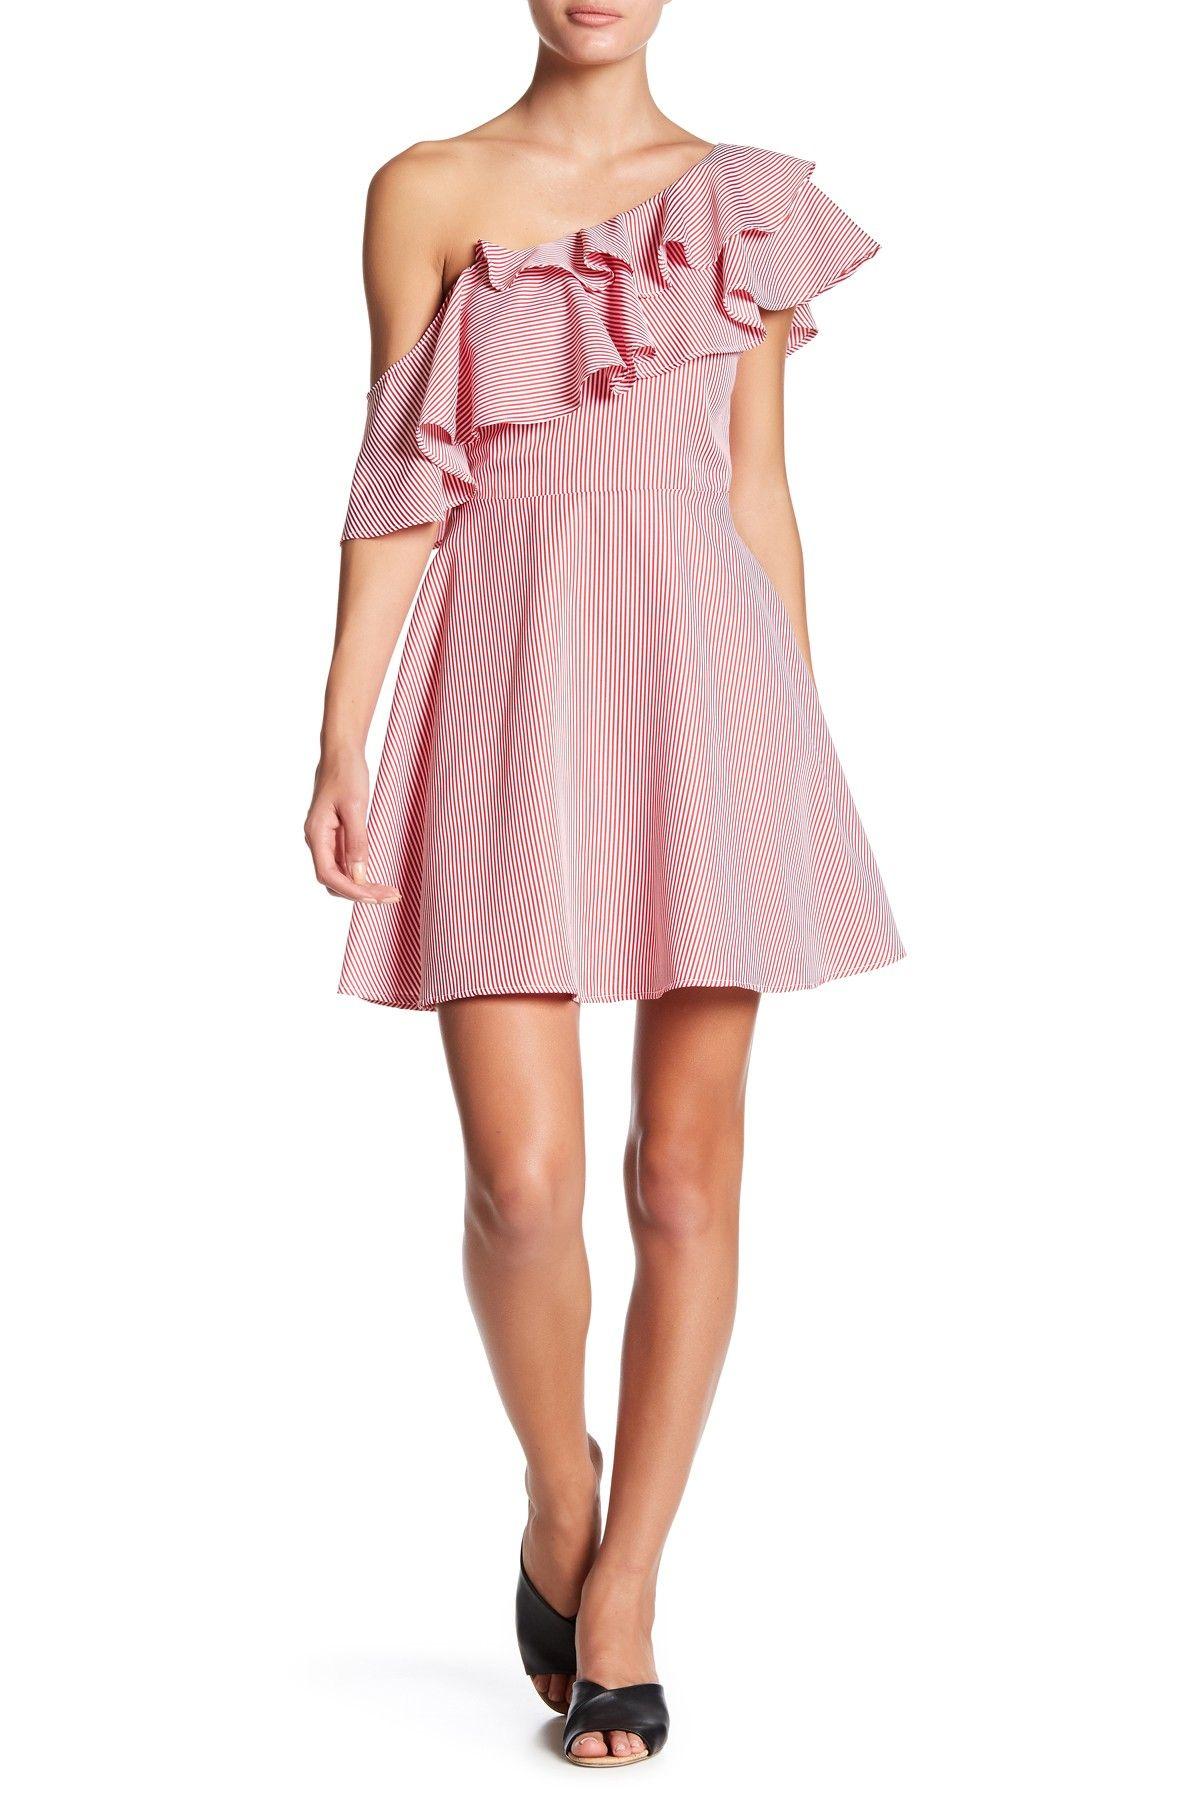 Just Me Ruffle One Shoulder Dress | Pinterest | Shoulder dress and ...